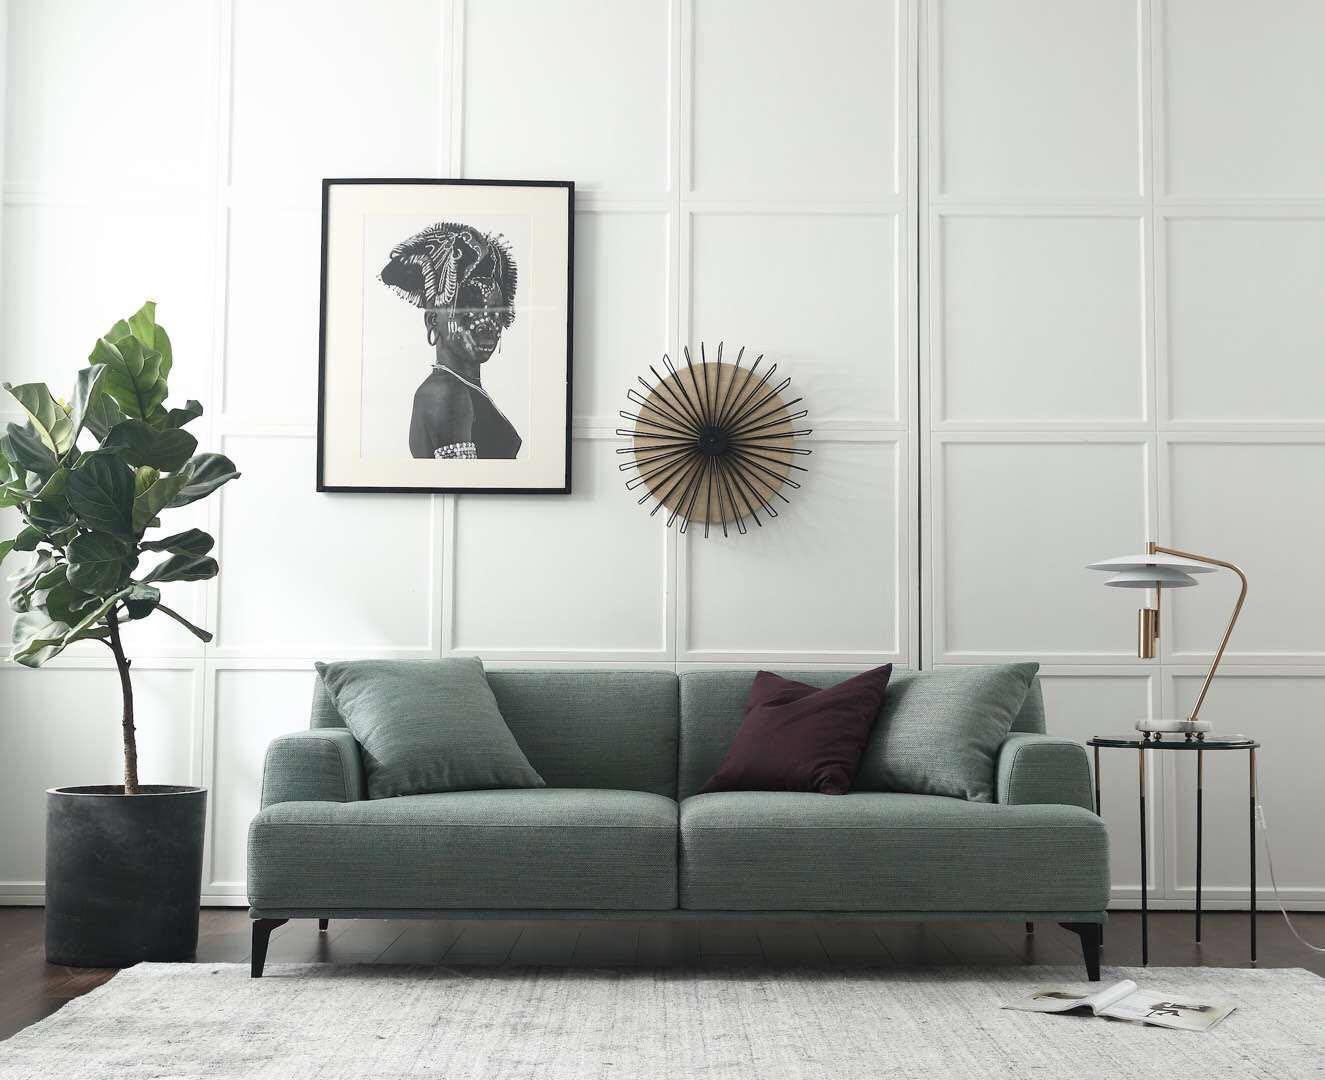 DecadeHome 經典生活家居 | 誰說好的家具,一定很貴?